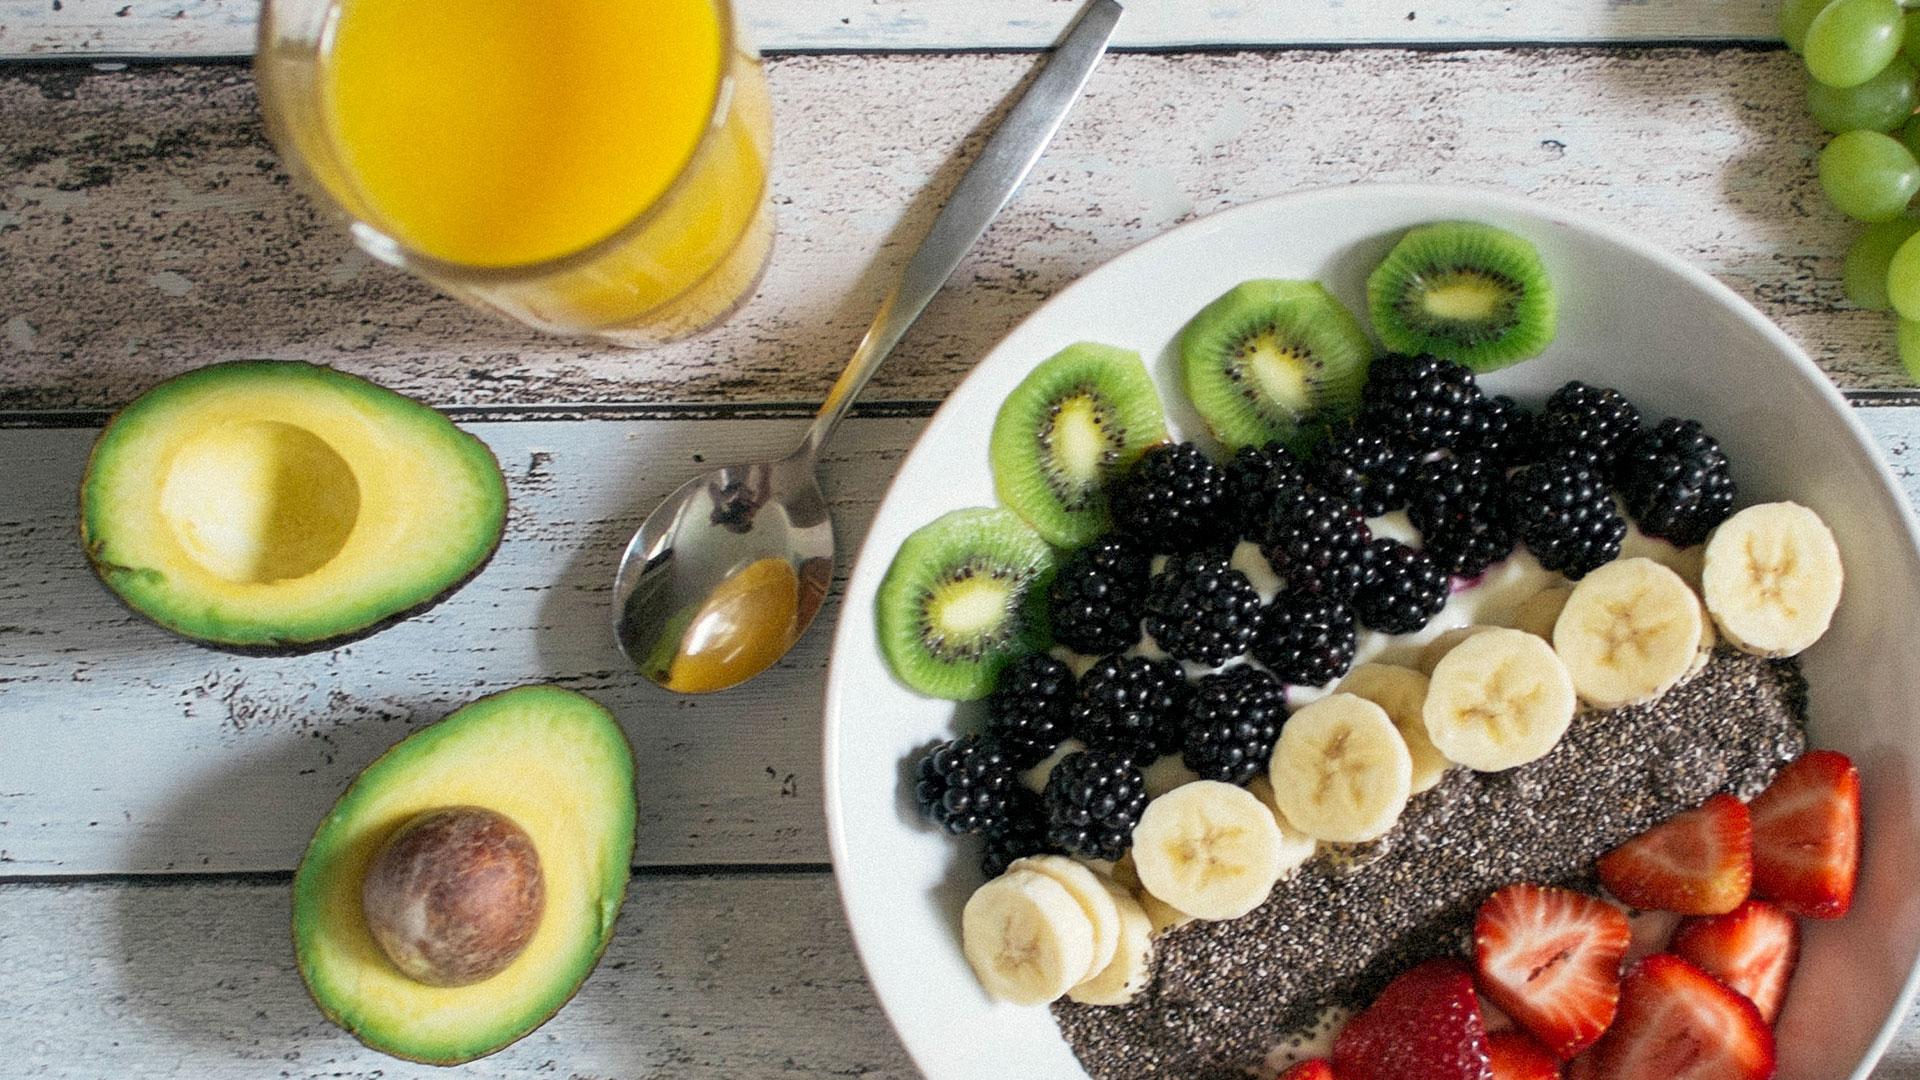 Simon-Farrar-Fruit-Avocado.jpg